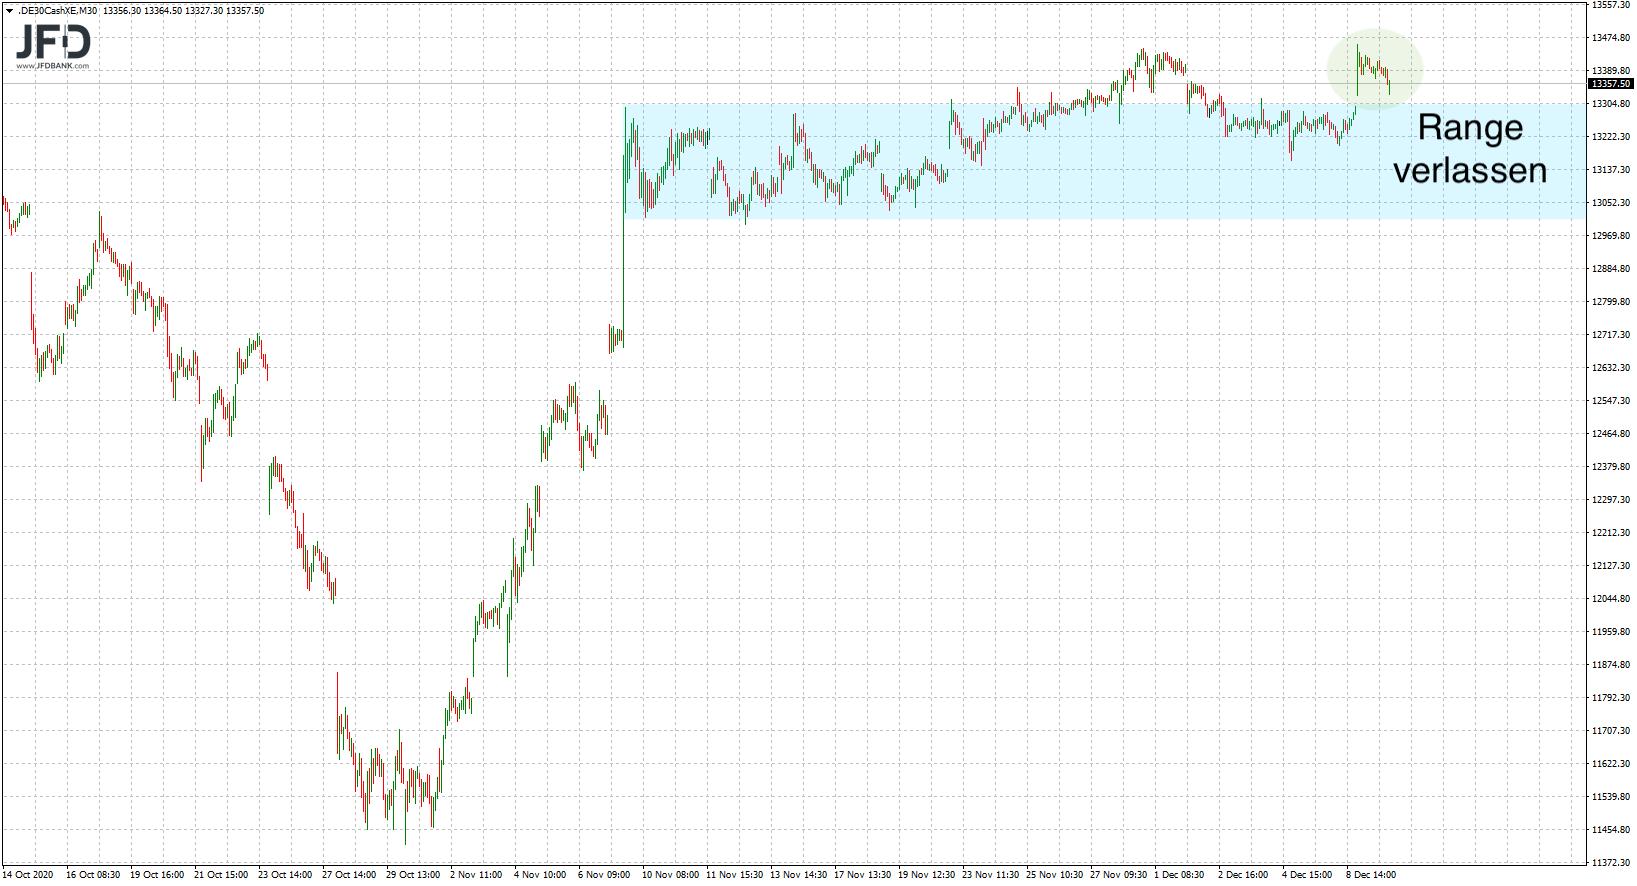 Range im mittelfristigen DAX-Chart